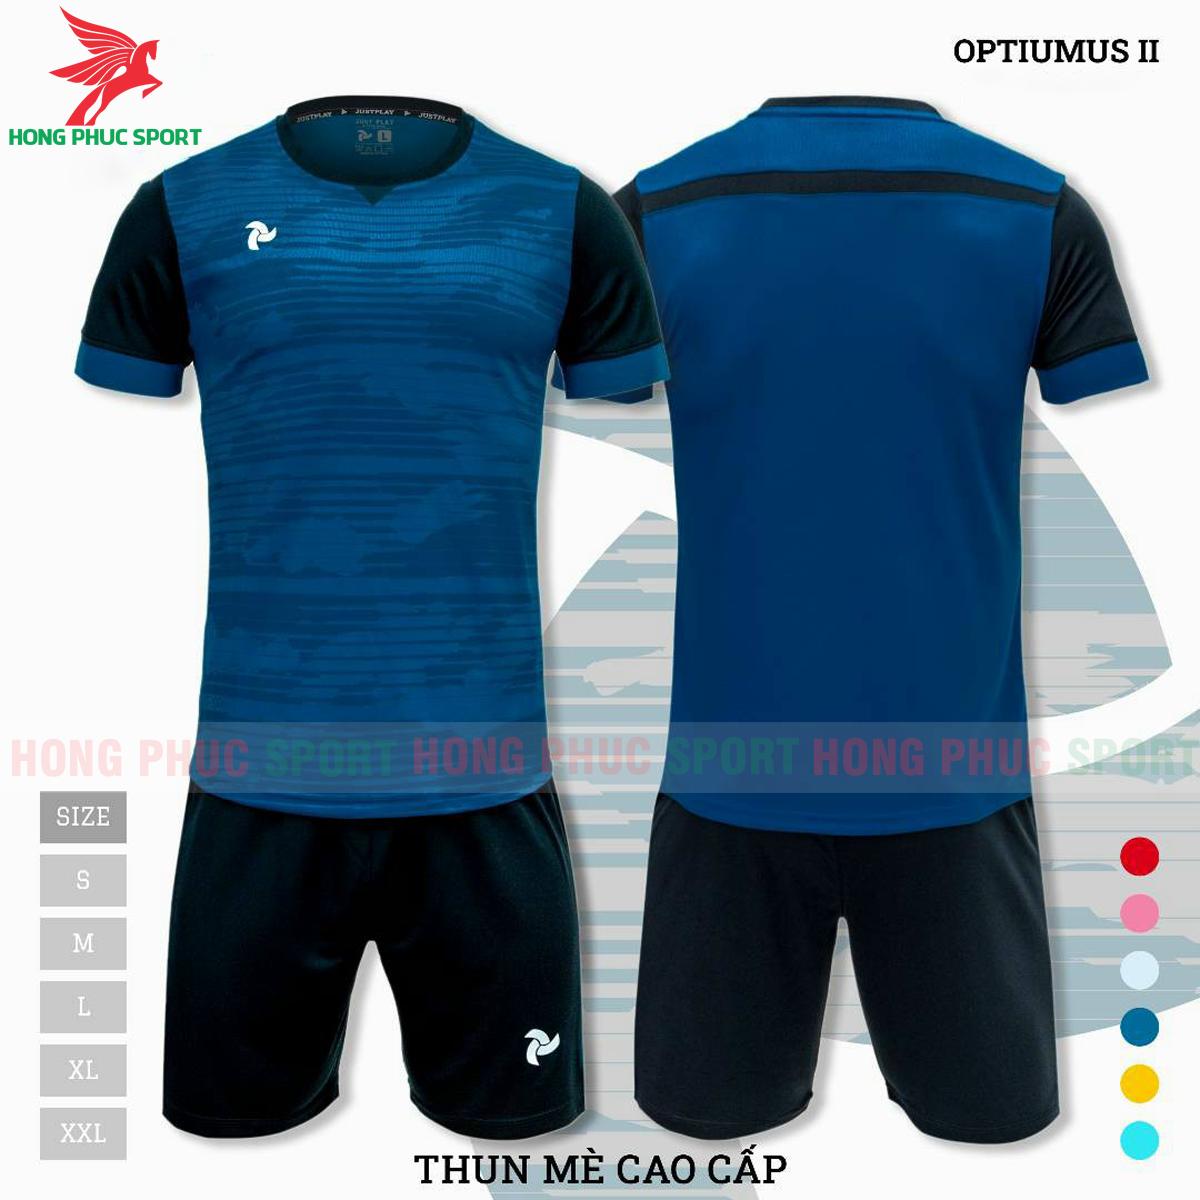 Áo đấu không logo Justplay Optiumus II 2021 màu xanh dương